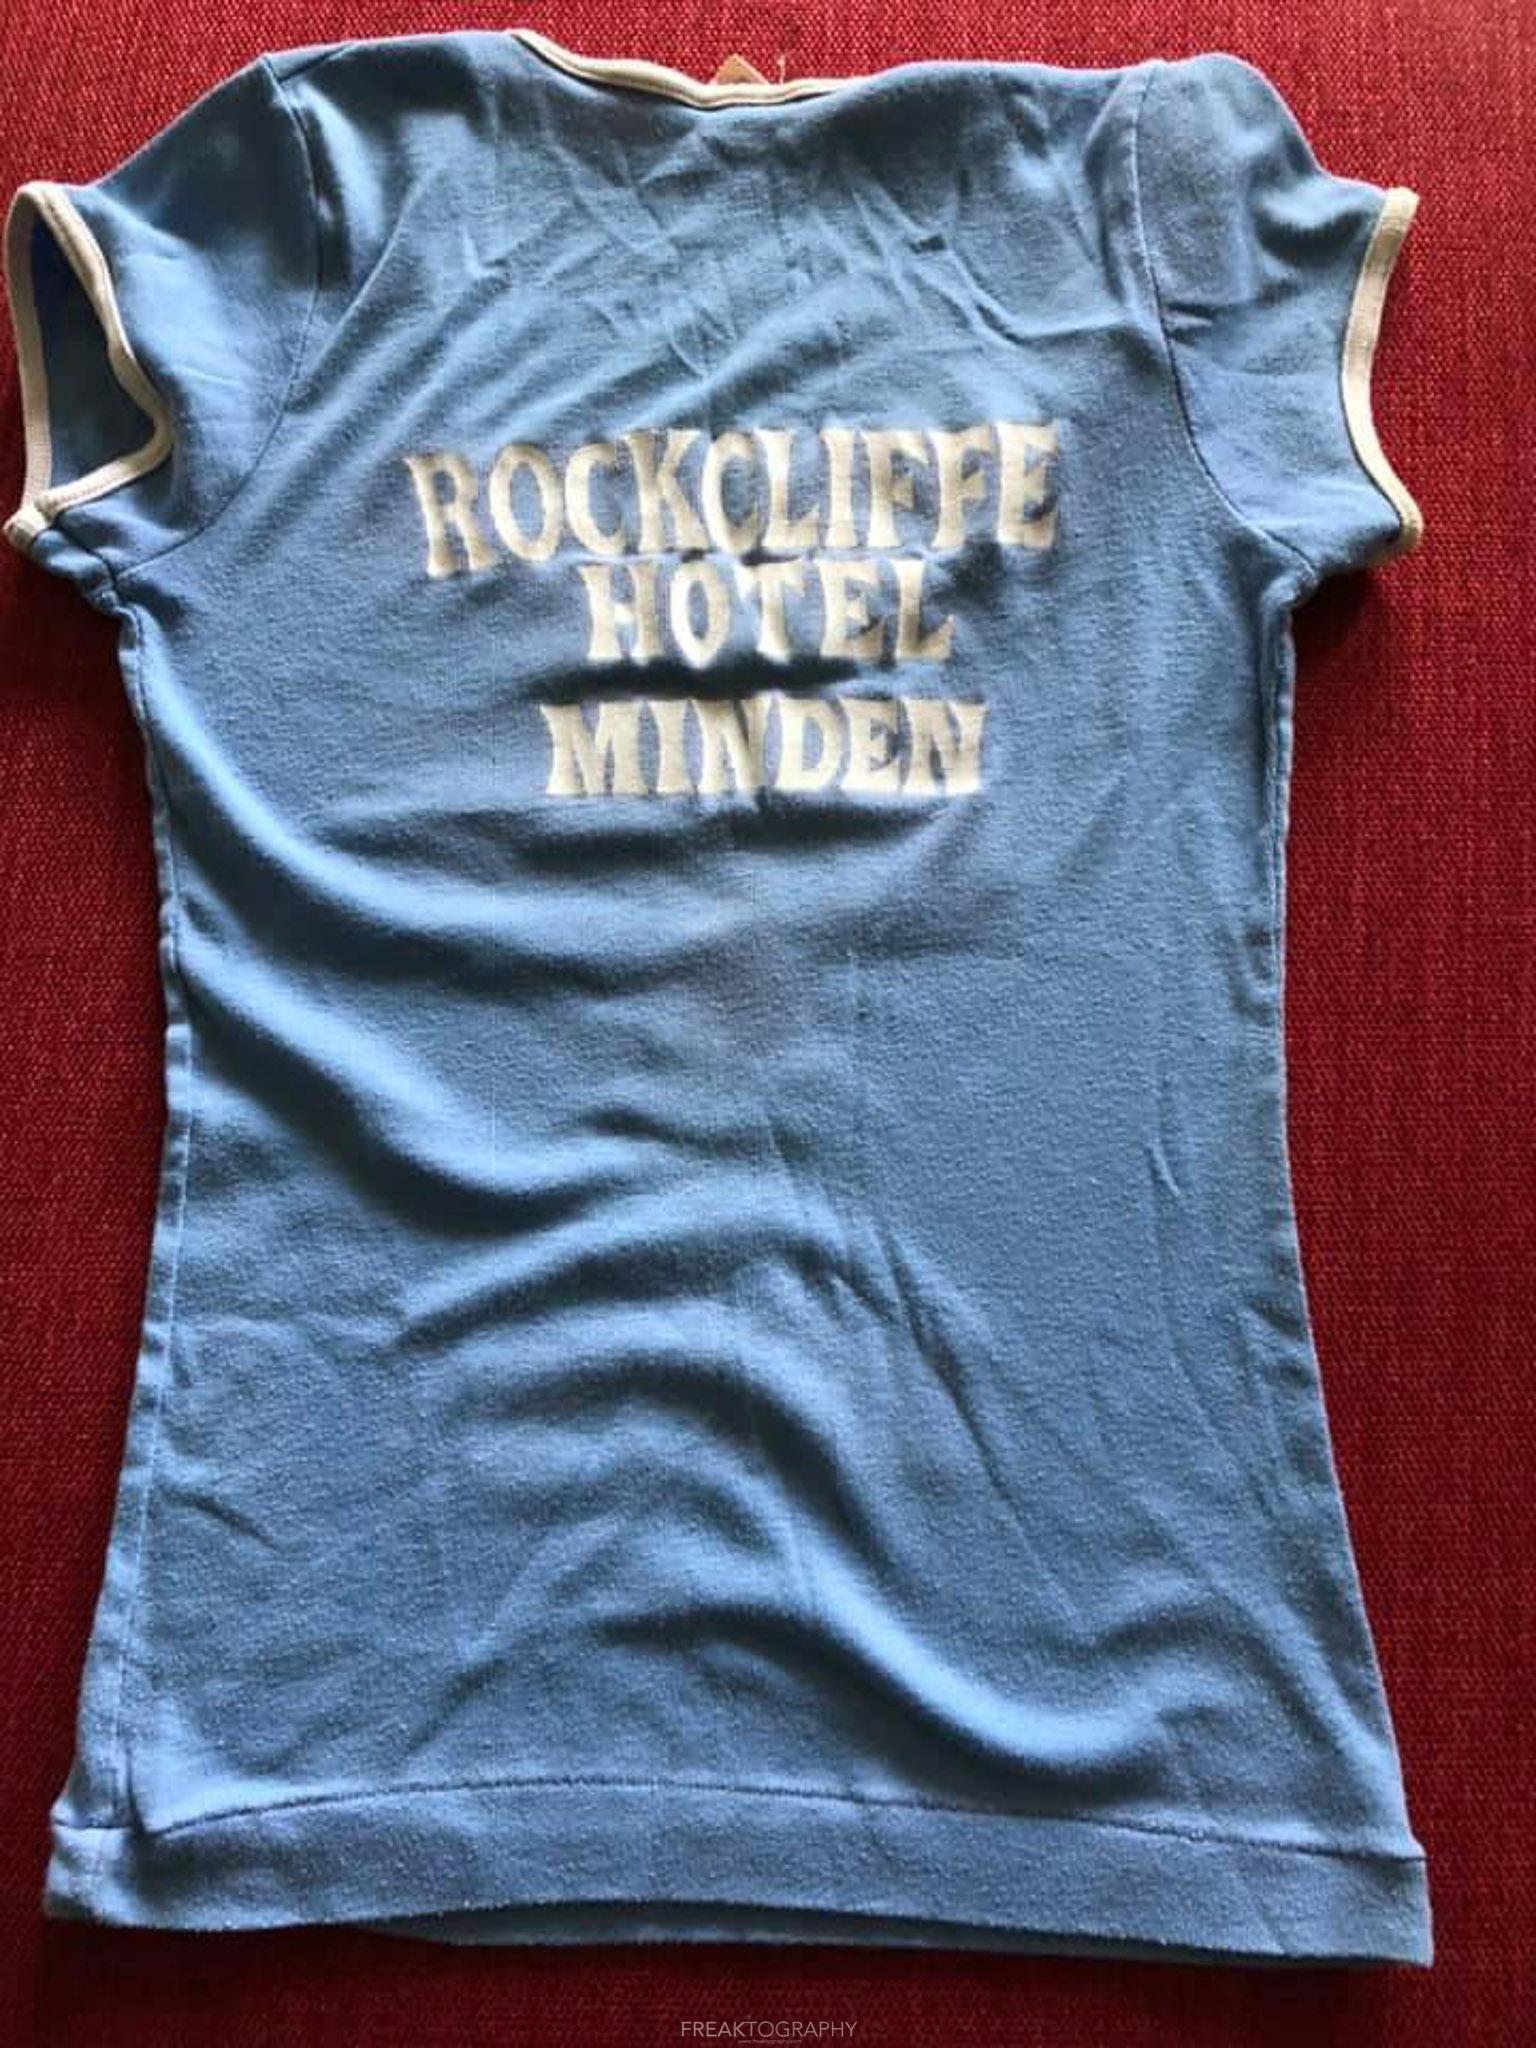 Rockcliffe tavern merchandise